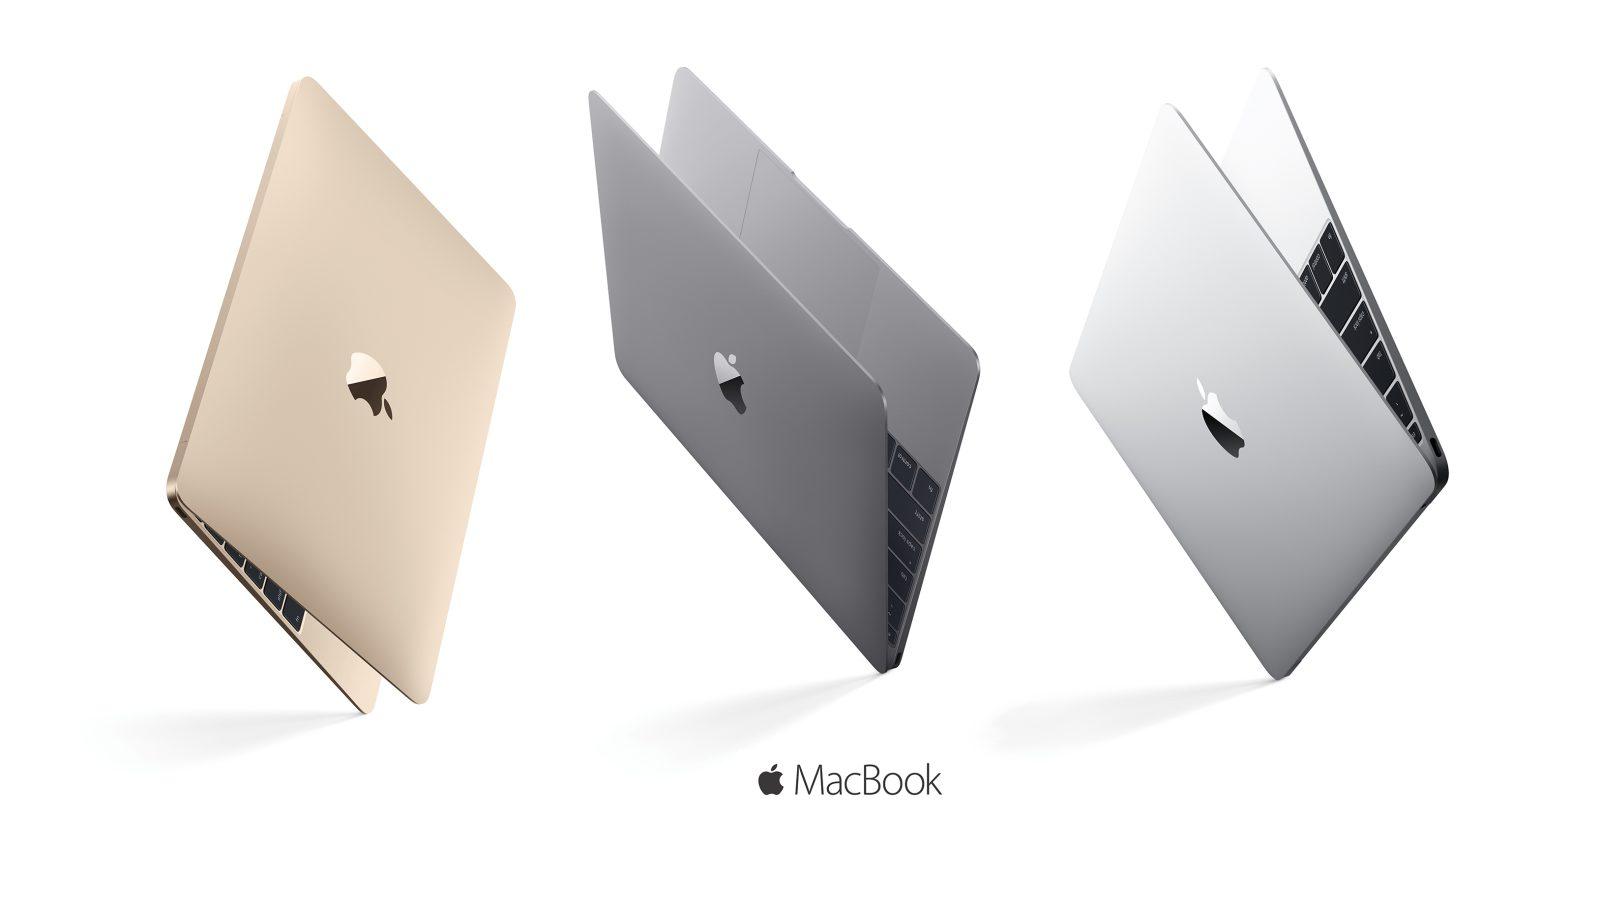 macbook-12-inch-retina-11